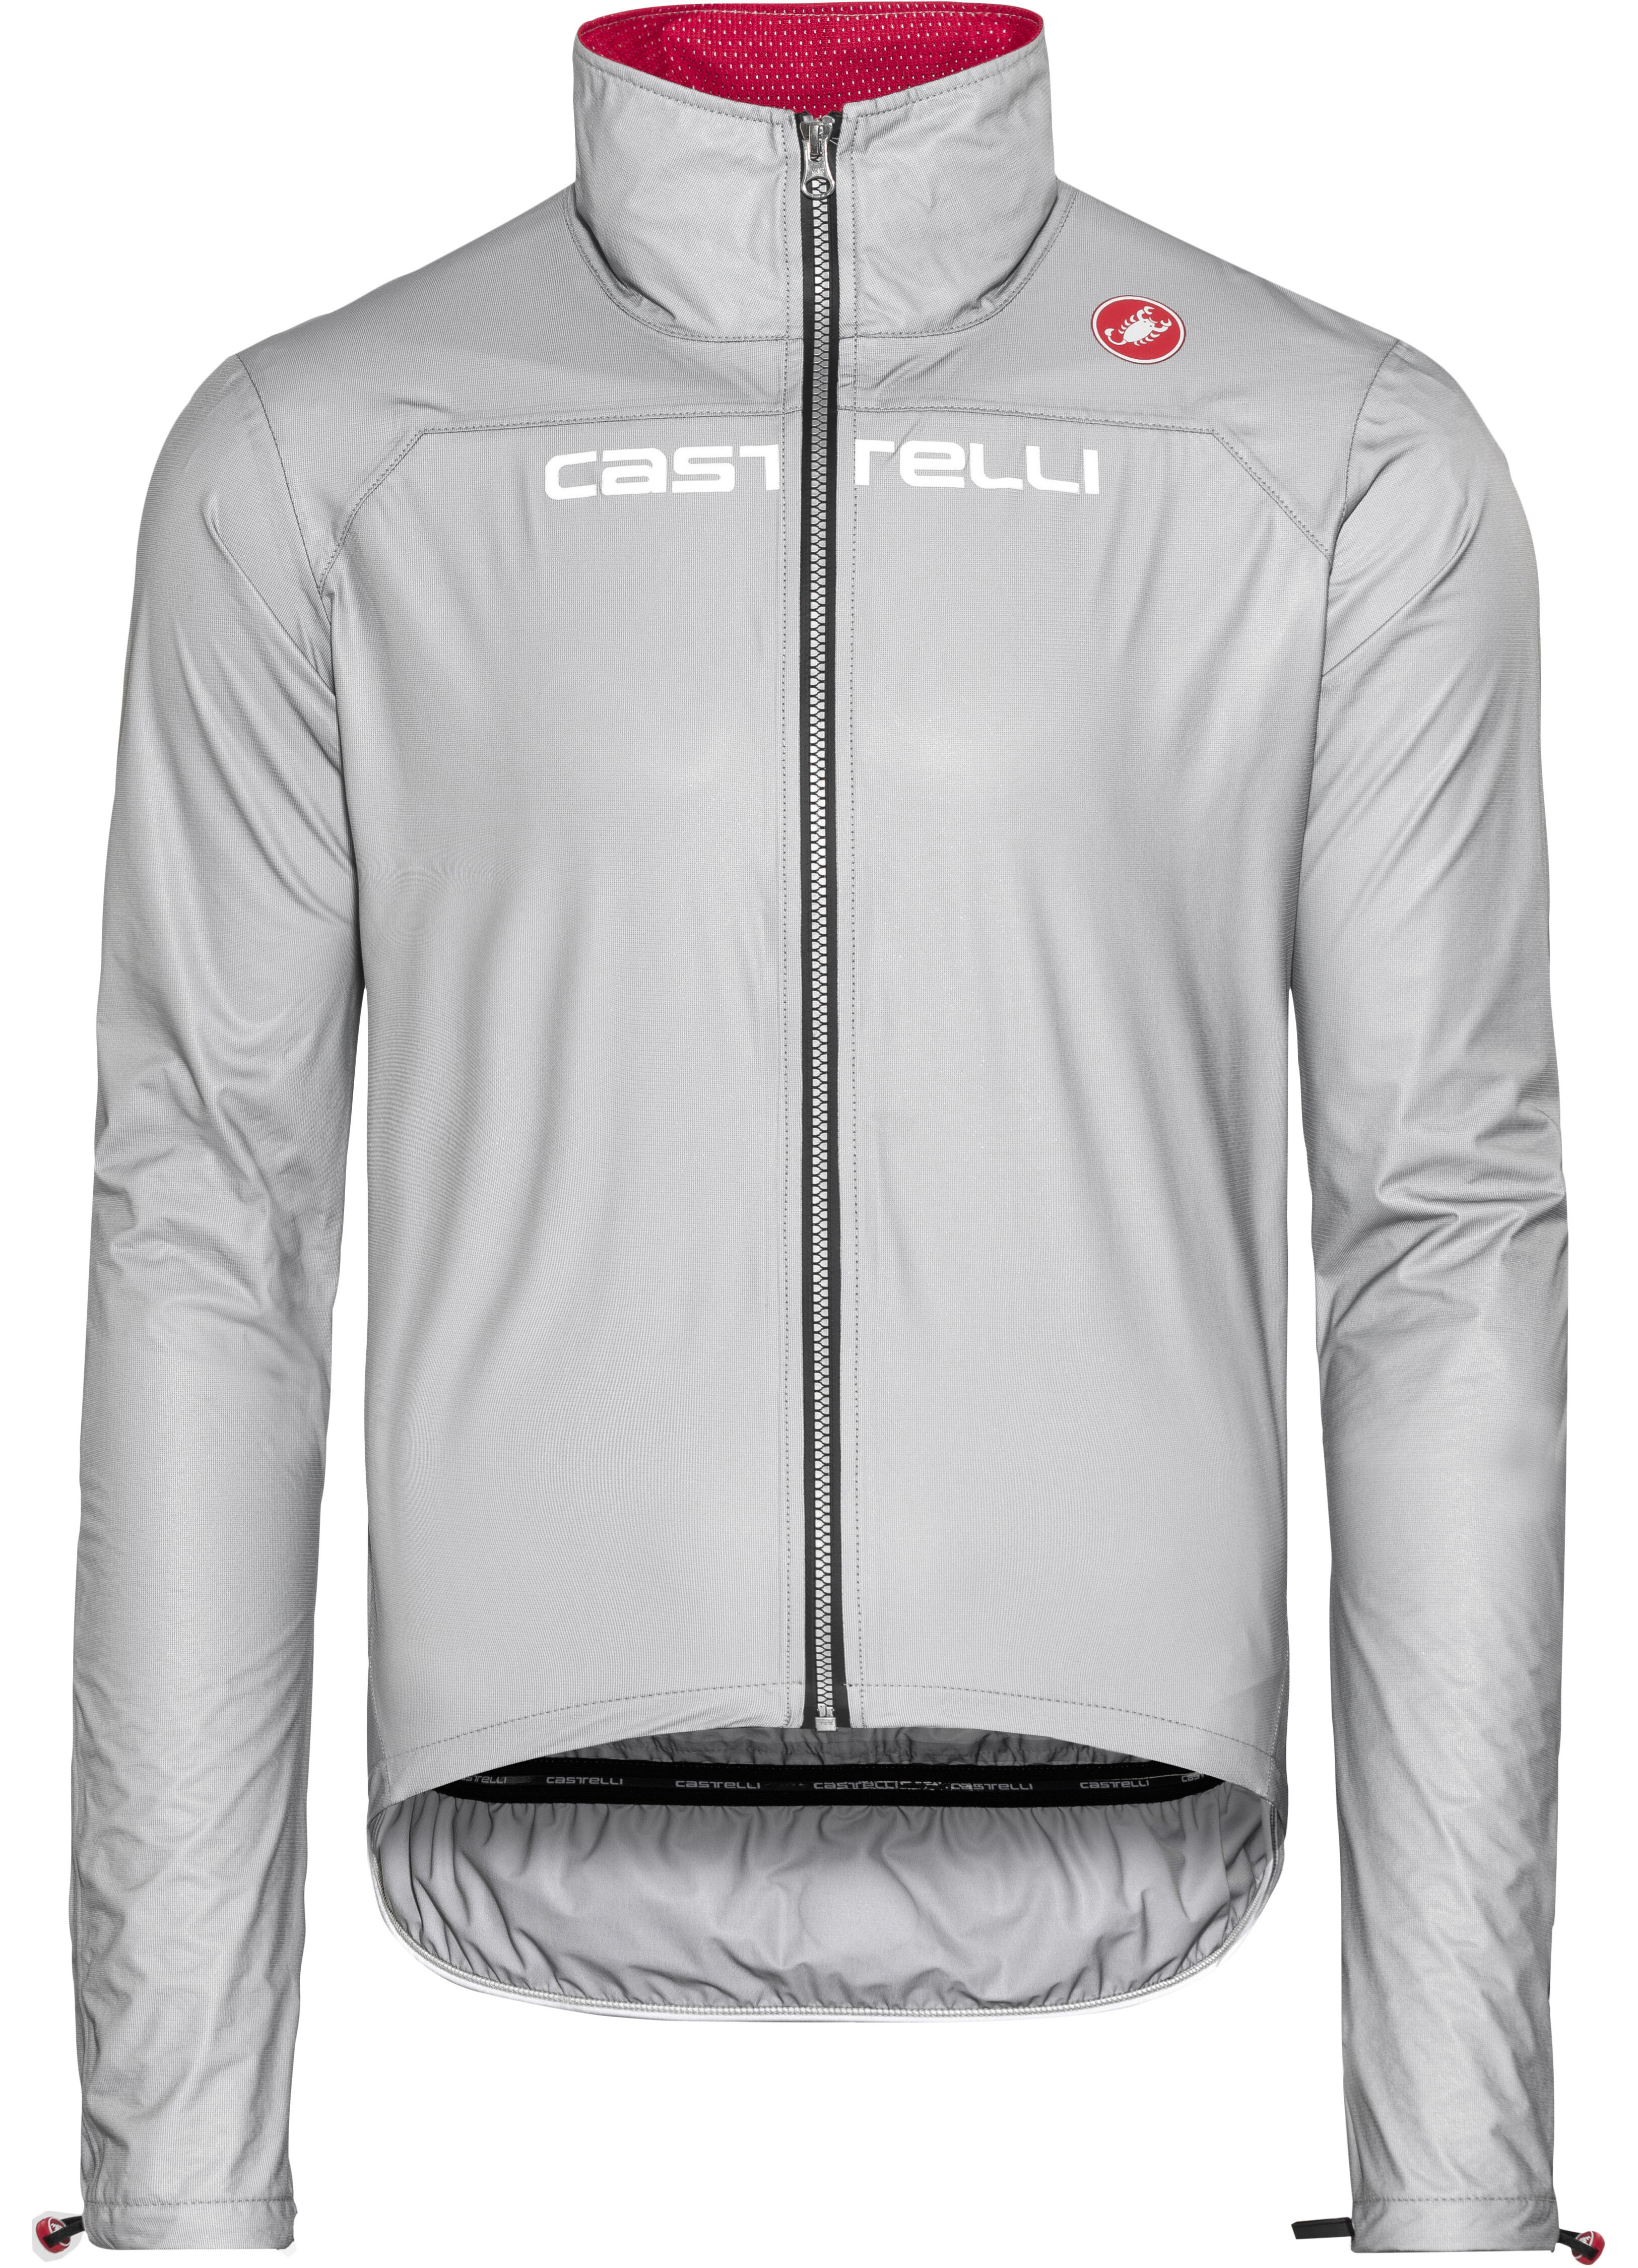 Castelli Tempesta Race - Chaqueta Hombre - gris | Bikester.es